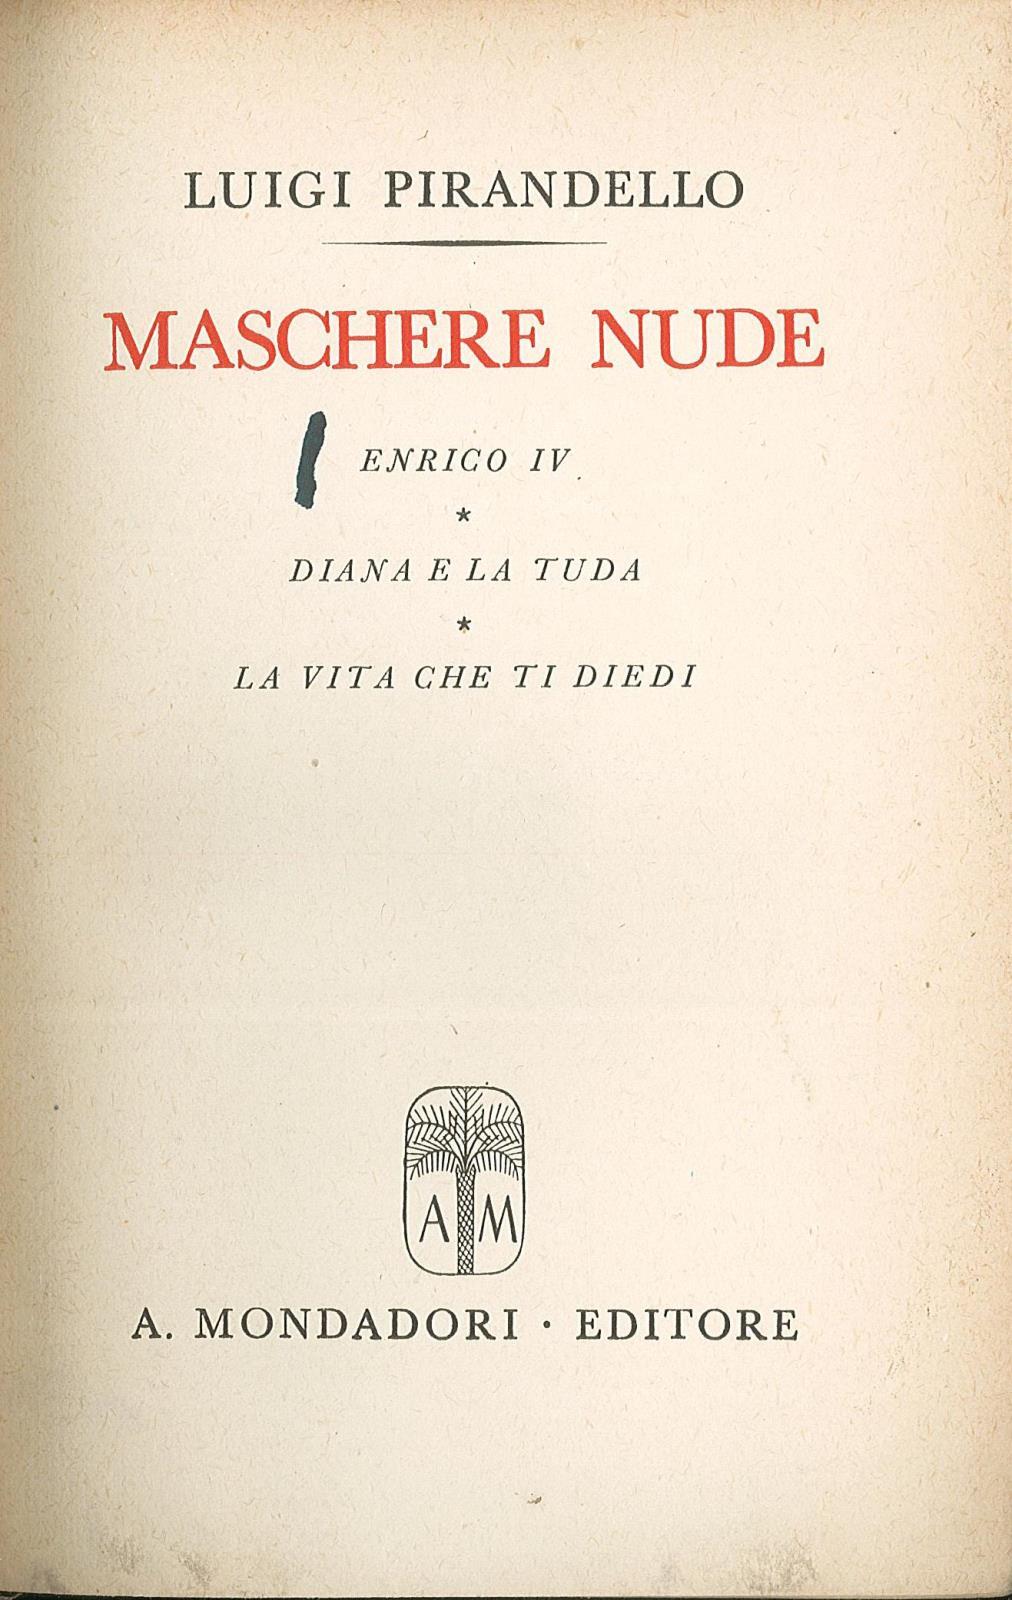 Enrico IV, Diana e la tuda, La vita che ti diedi. (Maschere nude) Pirandello Luigi